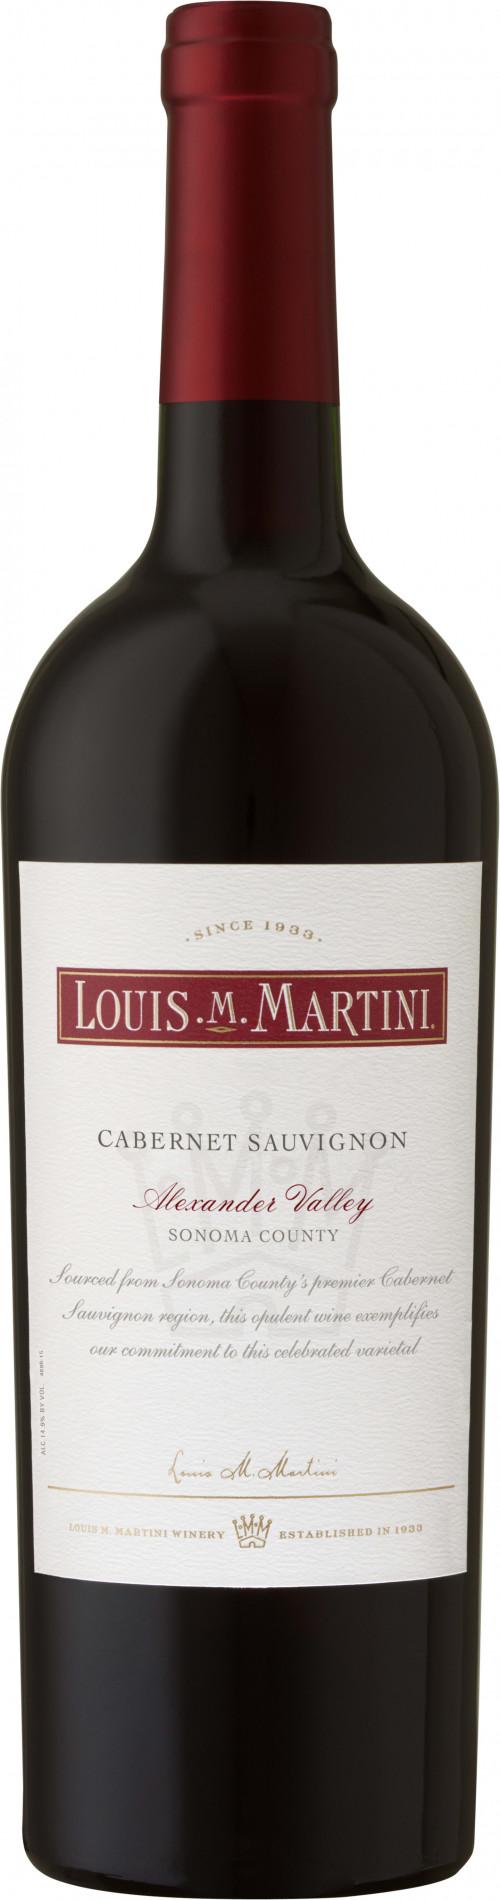 2017 Louis Martini Alexander Valley Cabernet Sauvignon 750ml